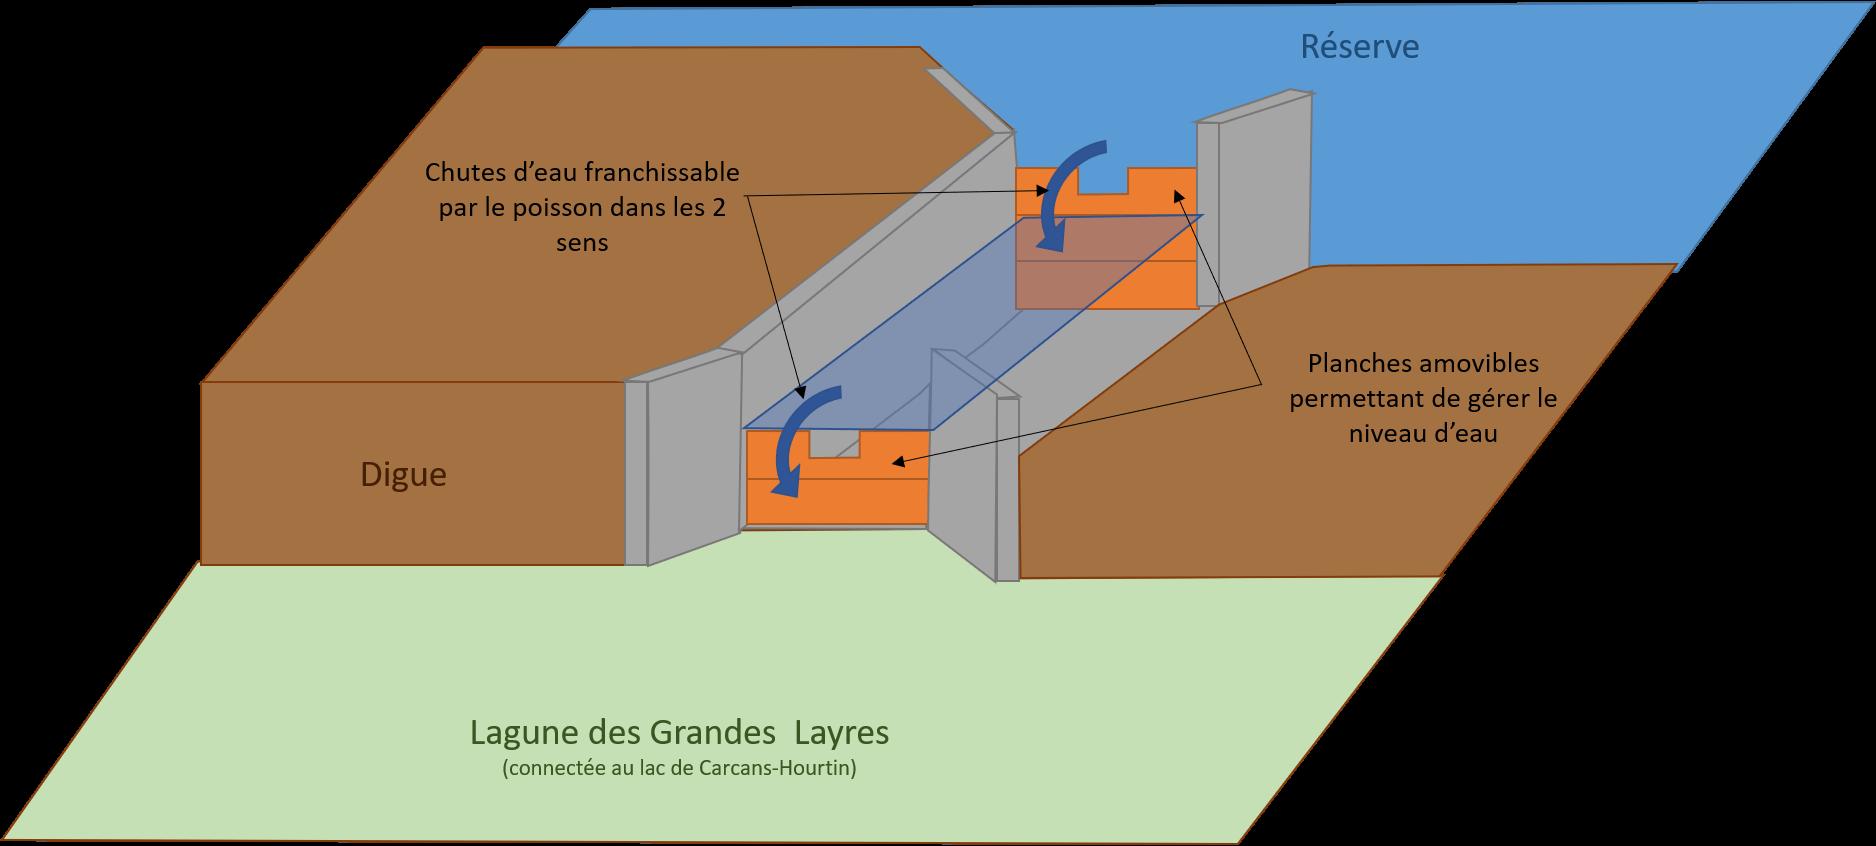 Schéma du fonctionnement de l'ouvrage